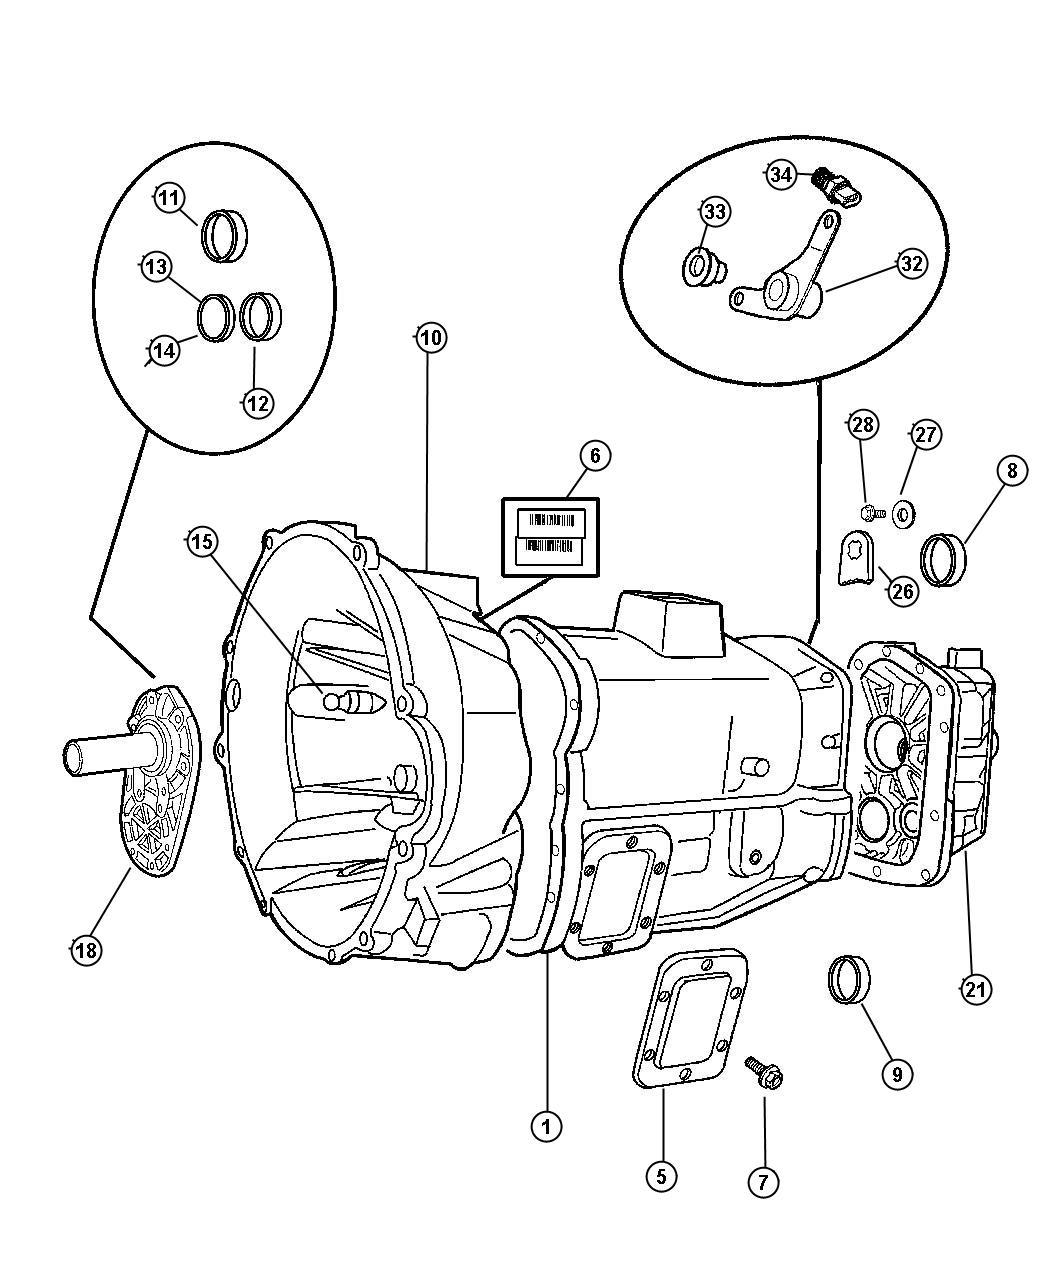 1986 Dodge Plug. Oil fill, transmission. Detent. Case